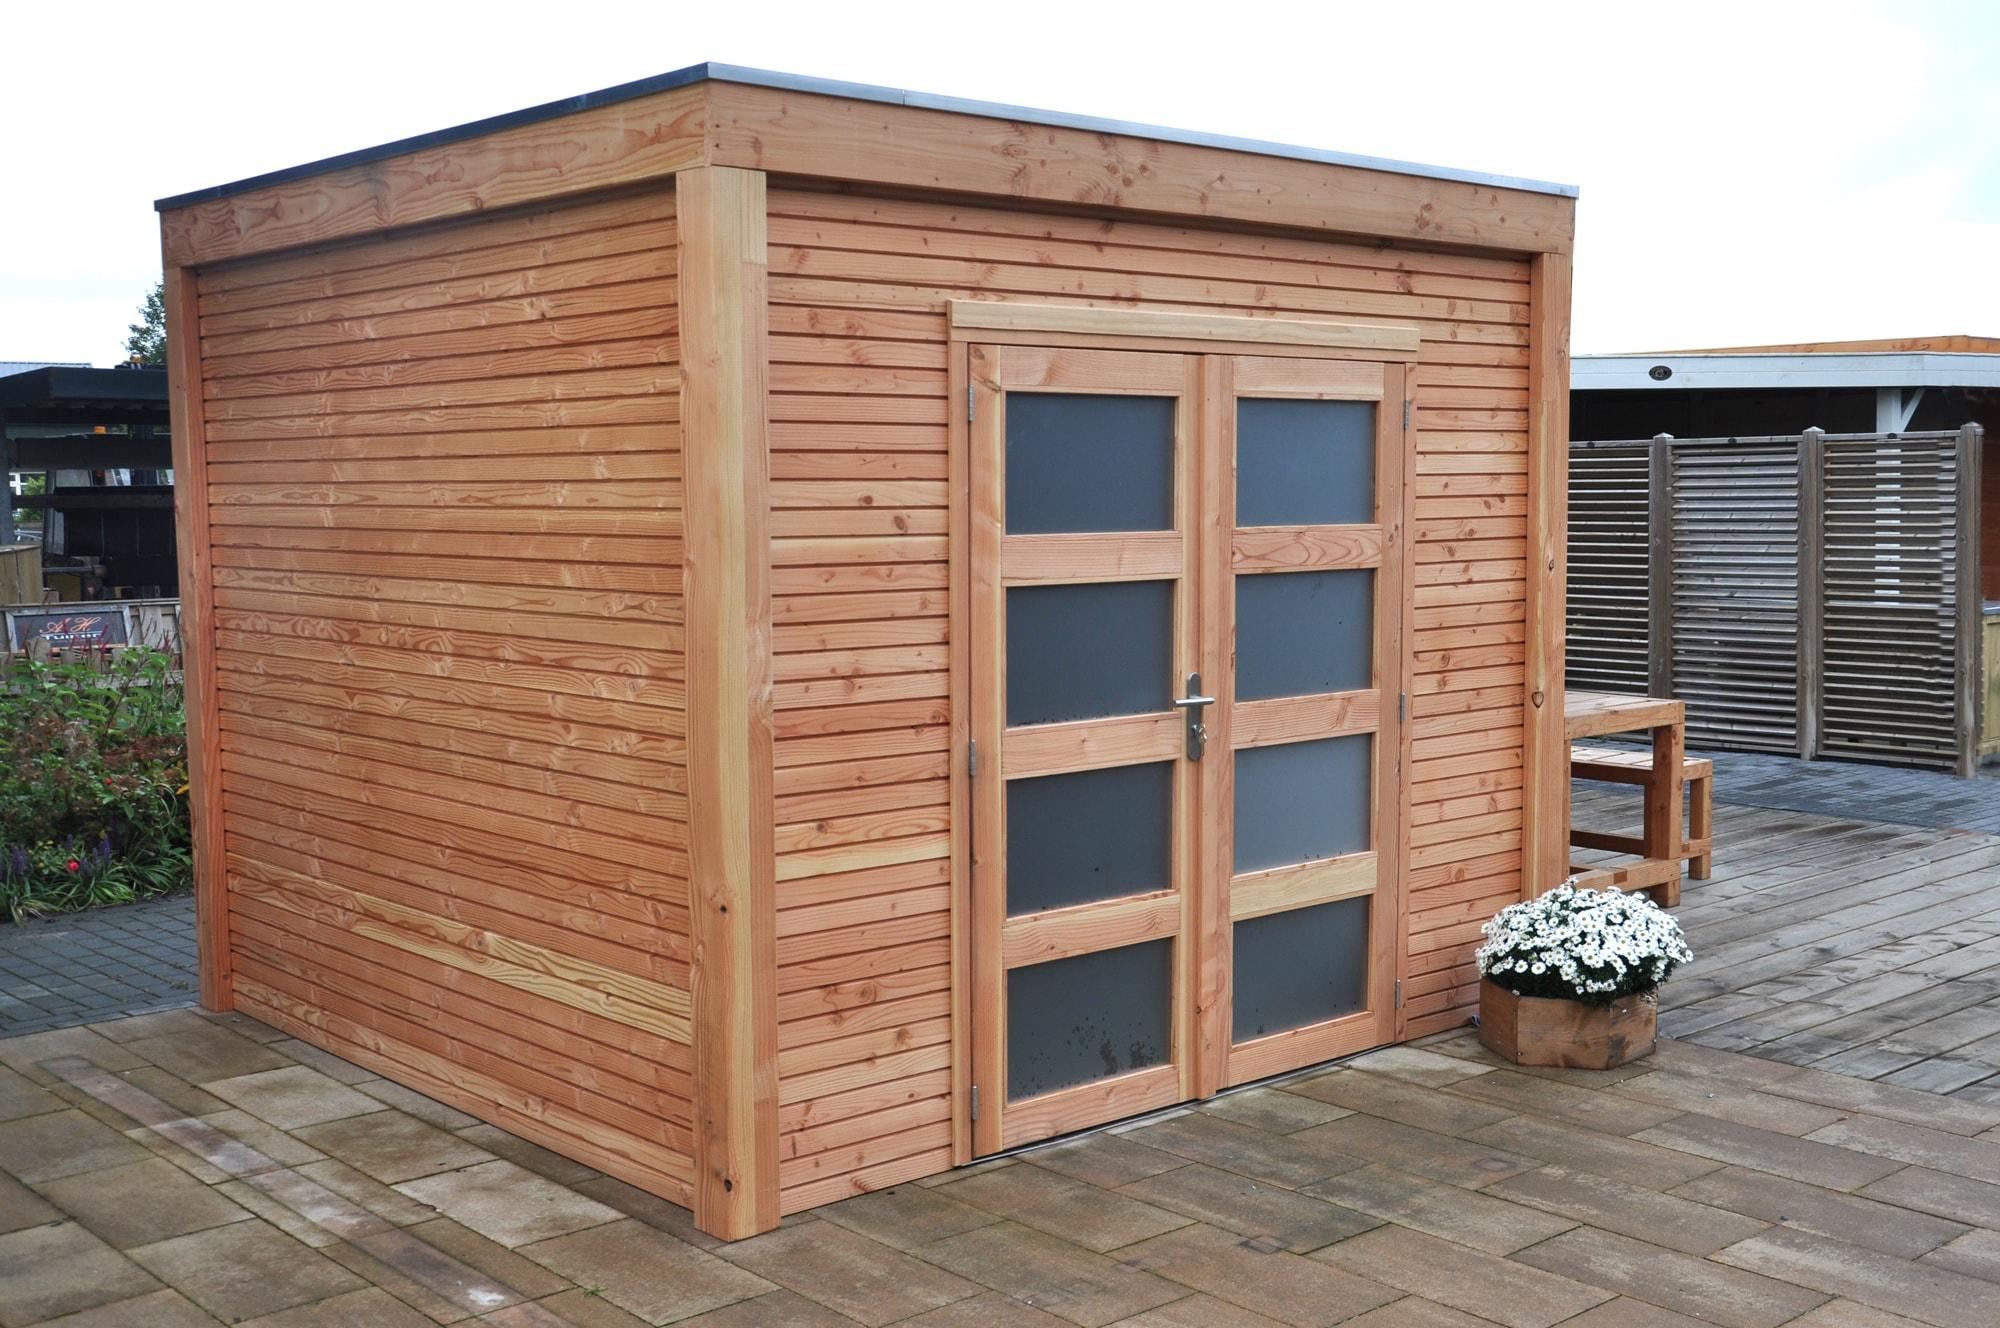 Gartenhaus und ger tehaus flachdach pultdach dakota 1 kaufen - Gartenhaus aus aluminium ...